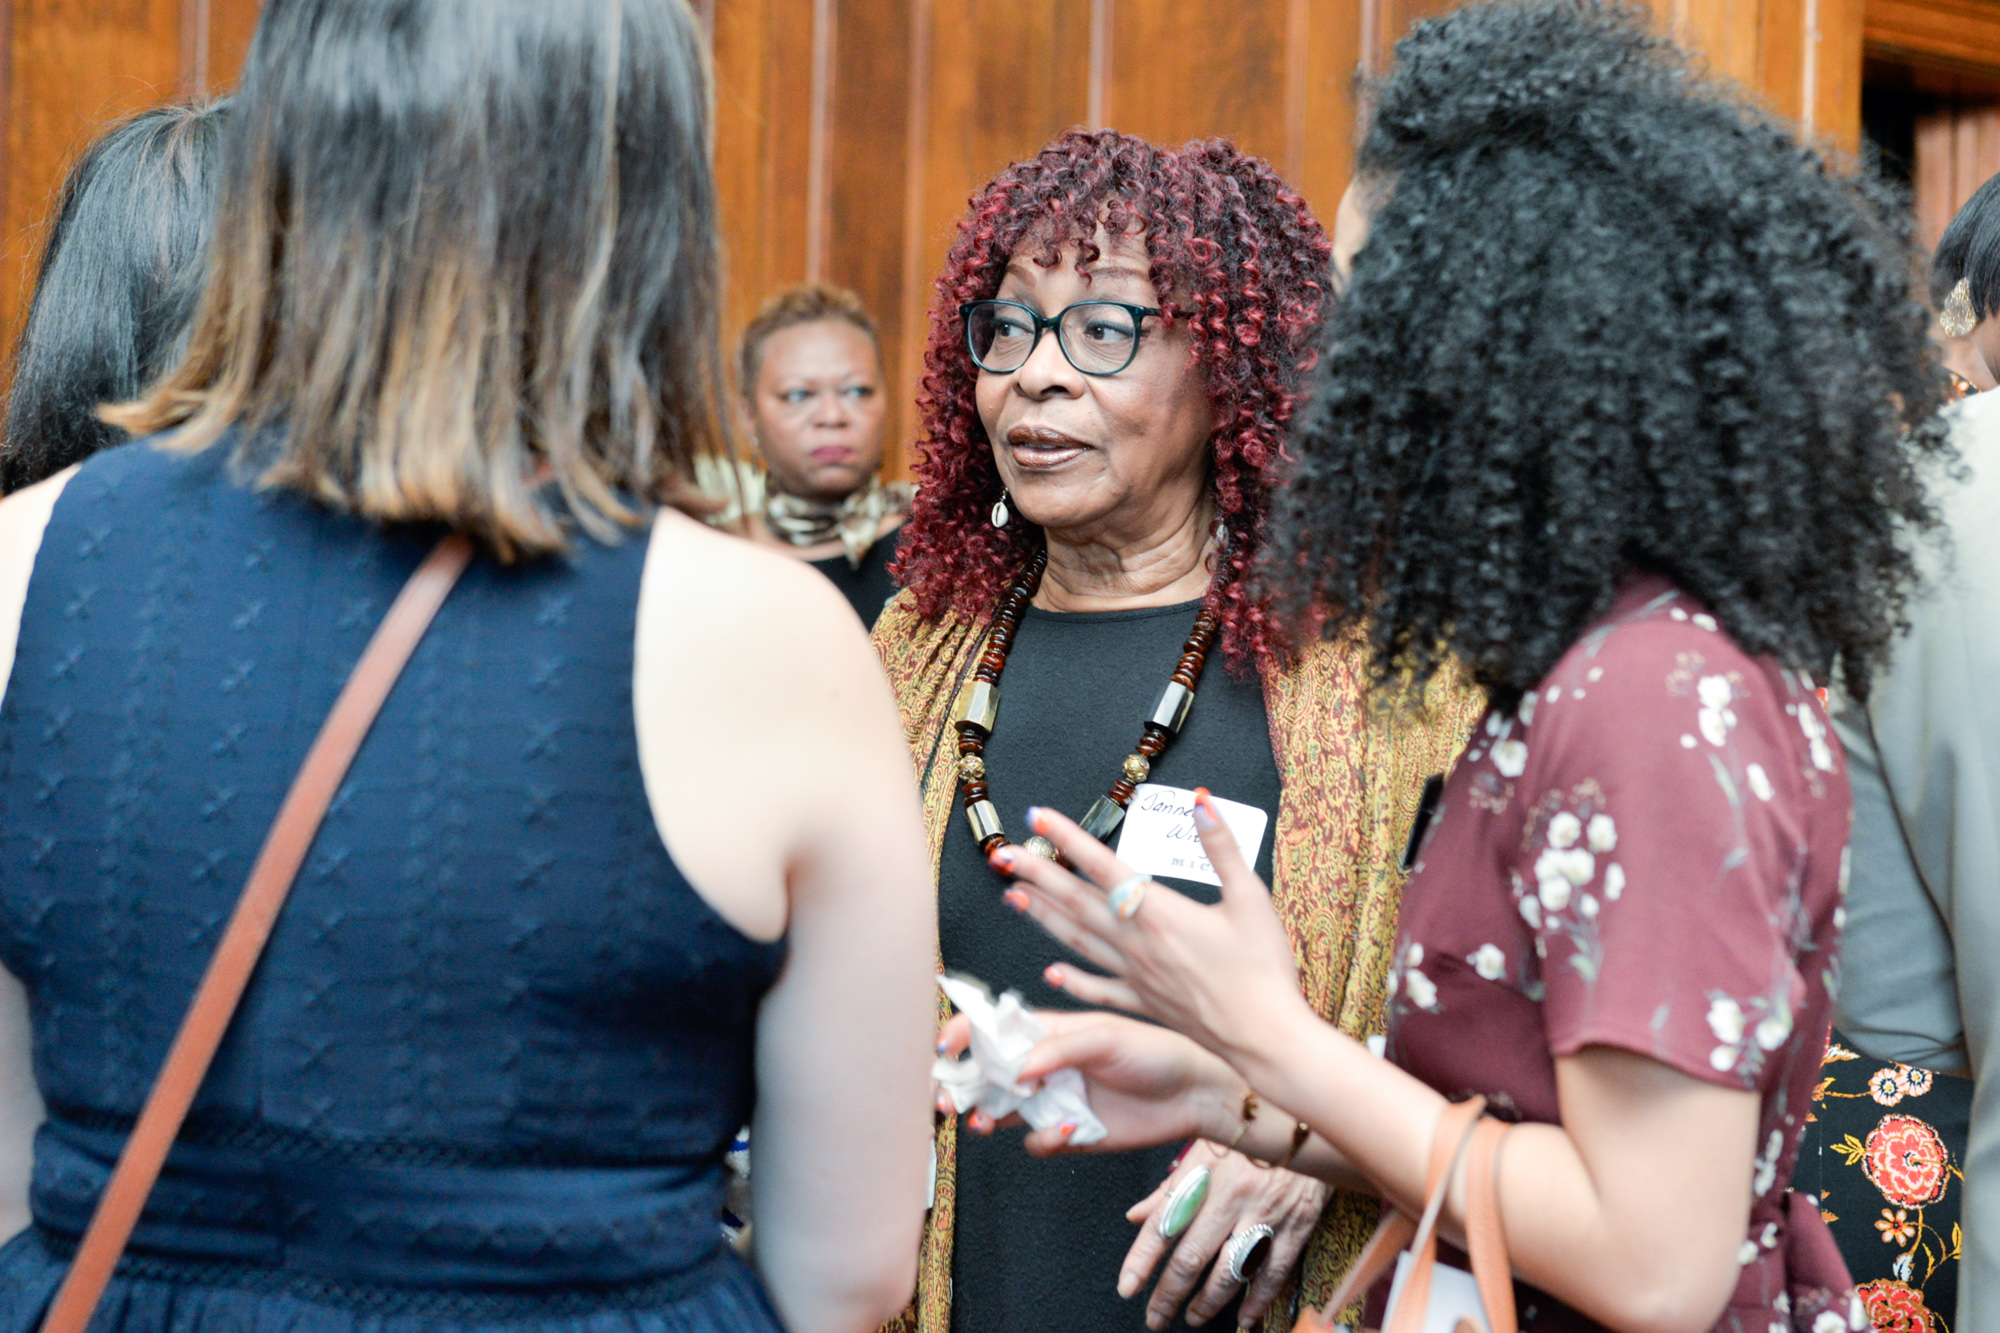 Center: Jeanette Whitney, Supporter